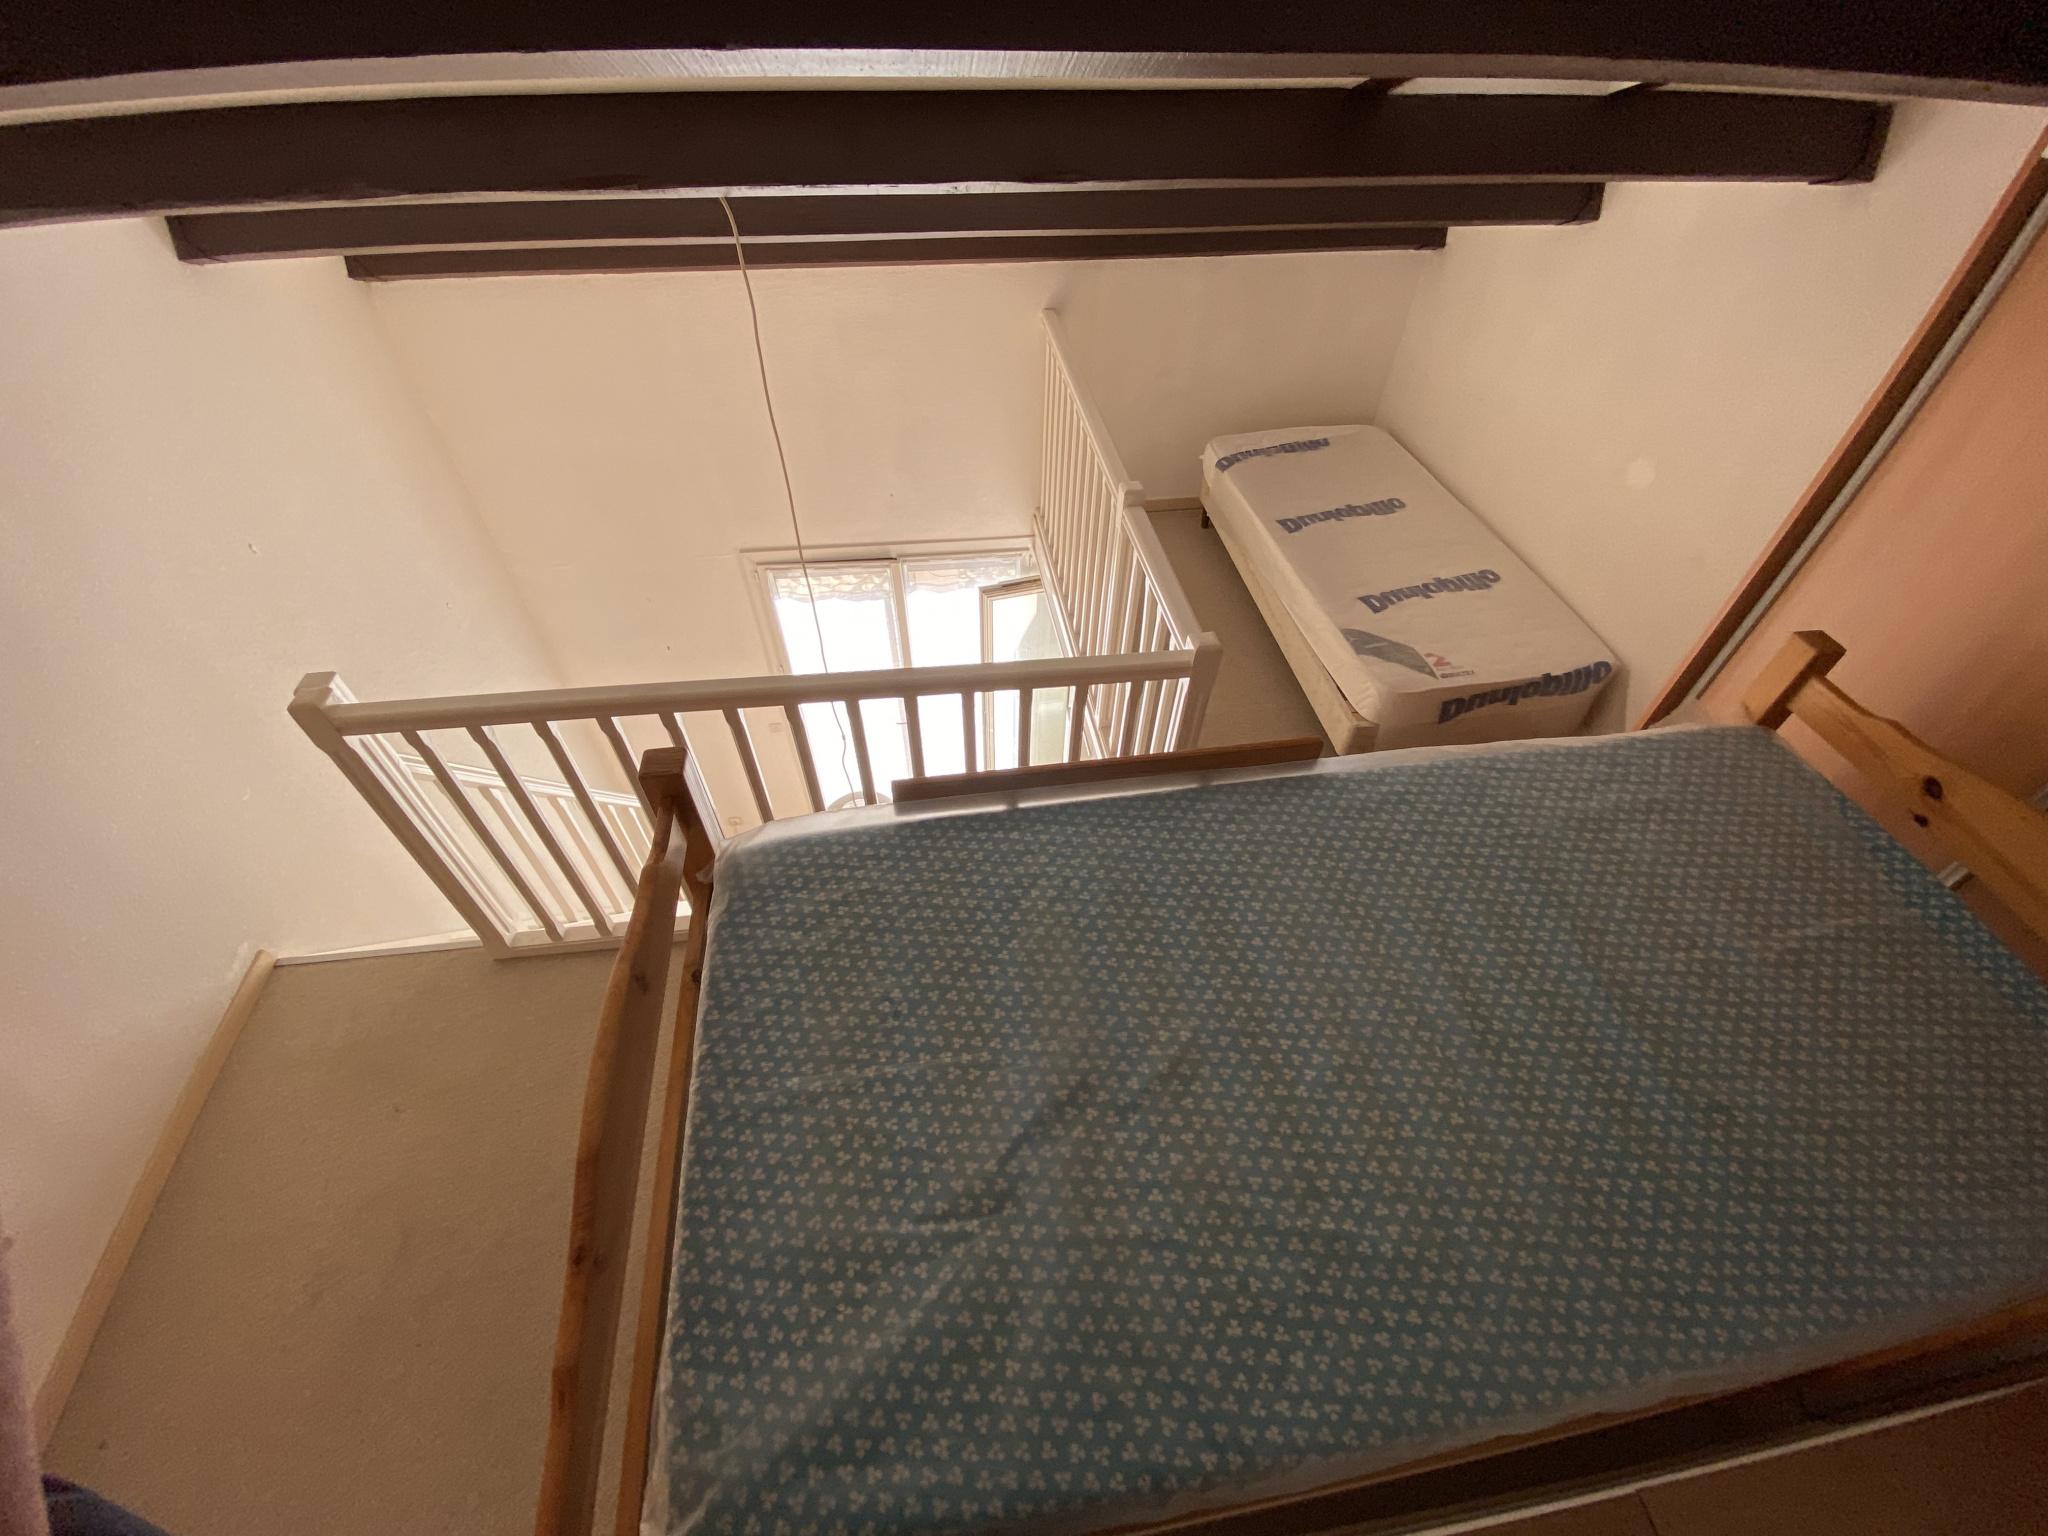 À vendre appartement de 30m2 à argeles sur mer (66700) - Photo 7'